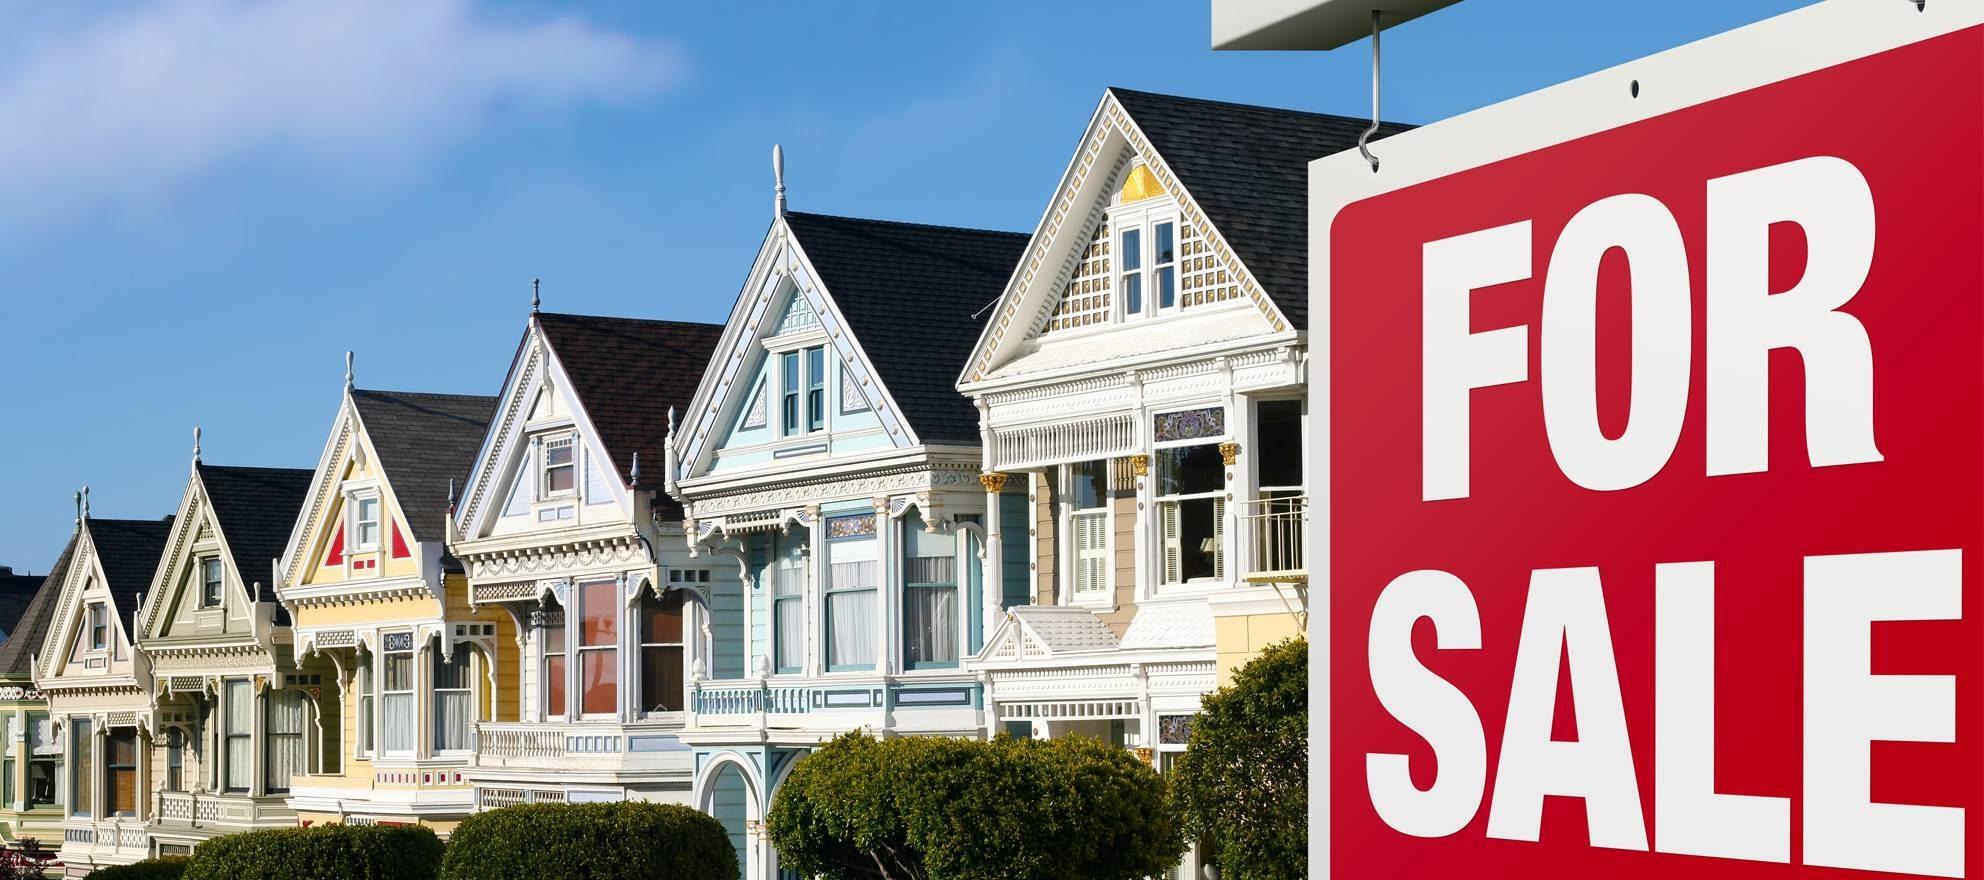 2018 Housing Market Forecast